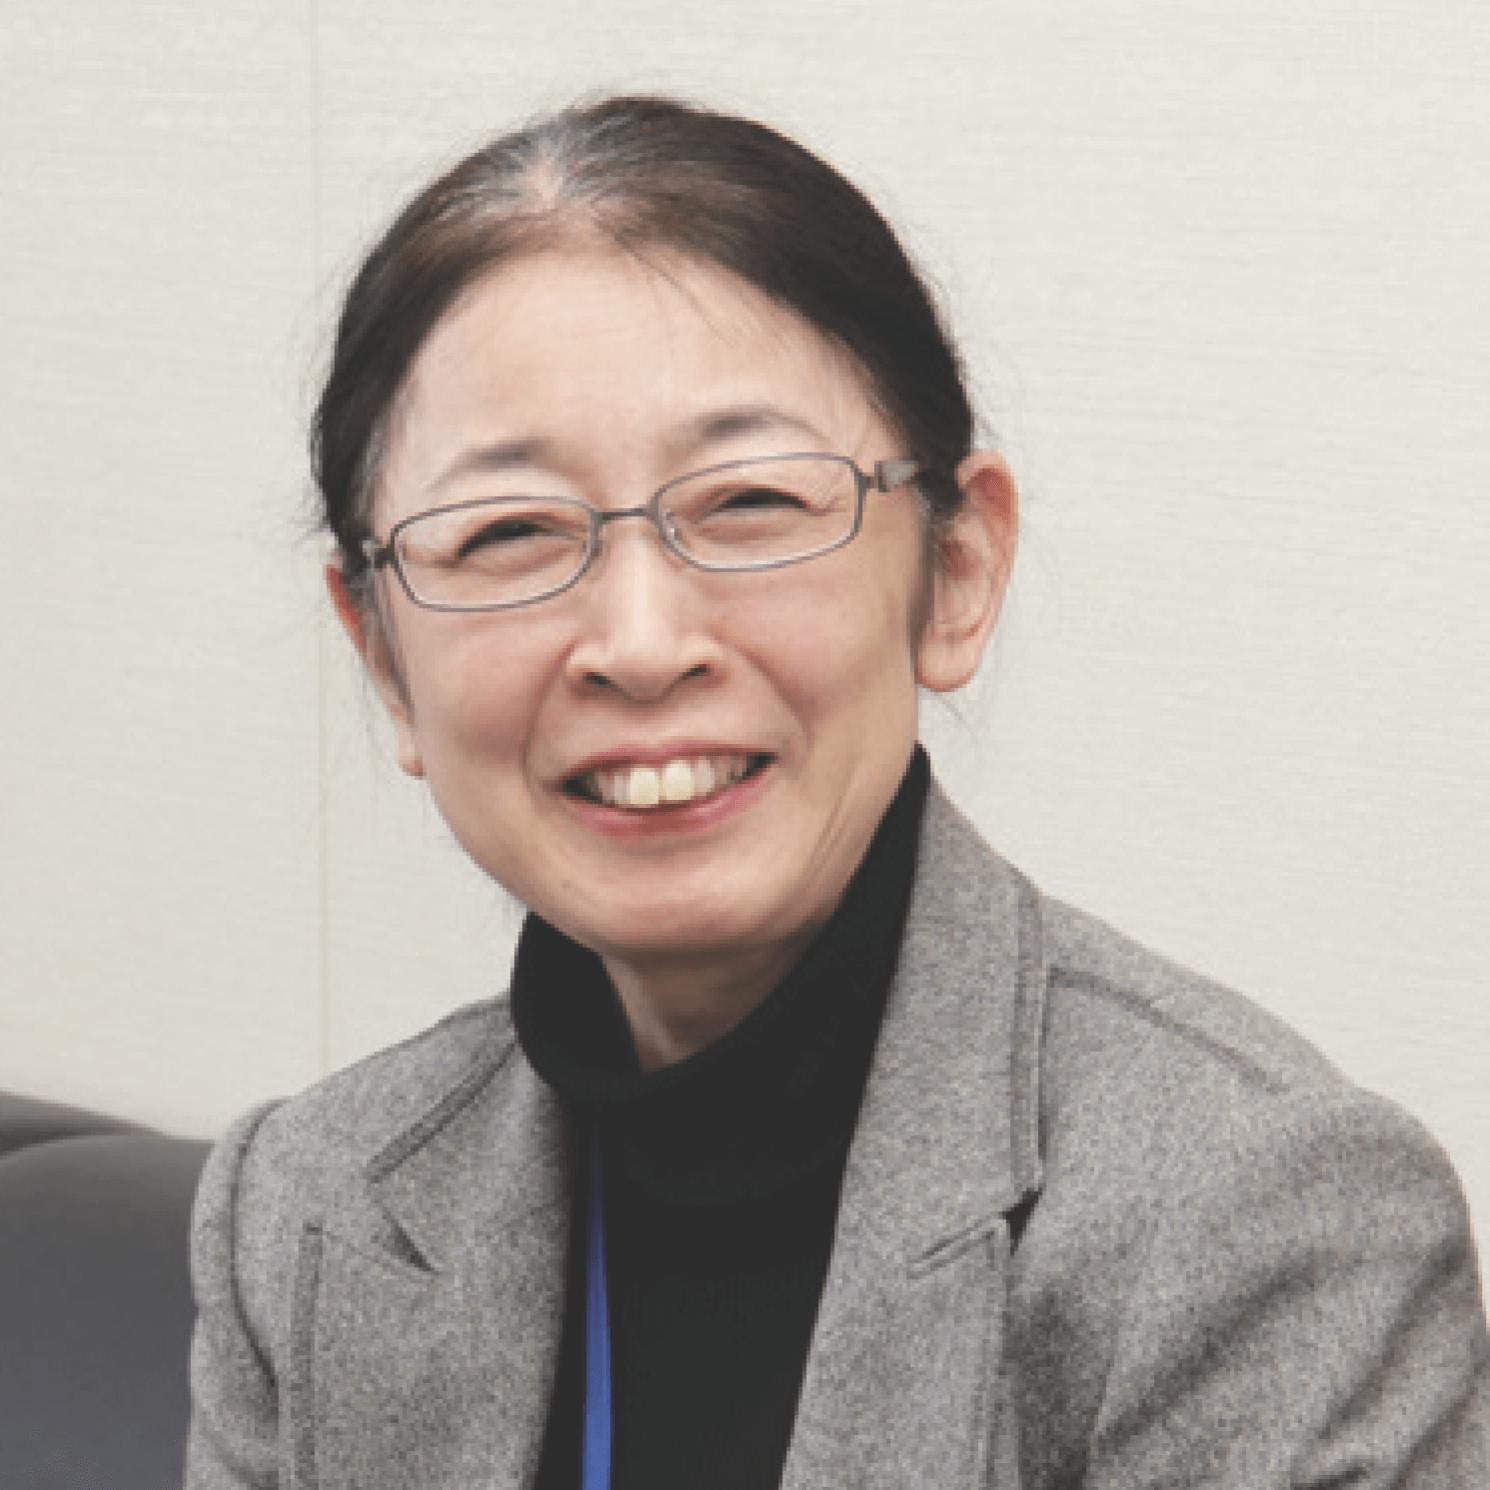 津田塾大学客員教授、元厚生労働事務次官 村木 厚子さん